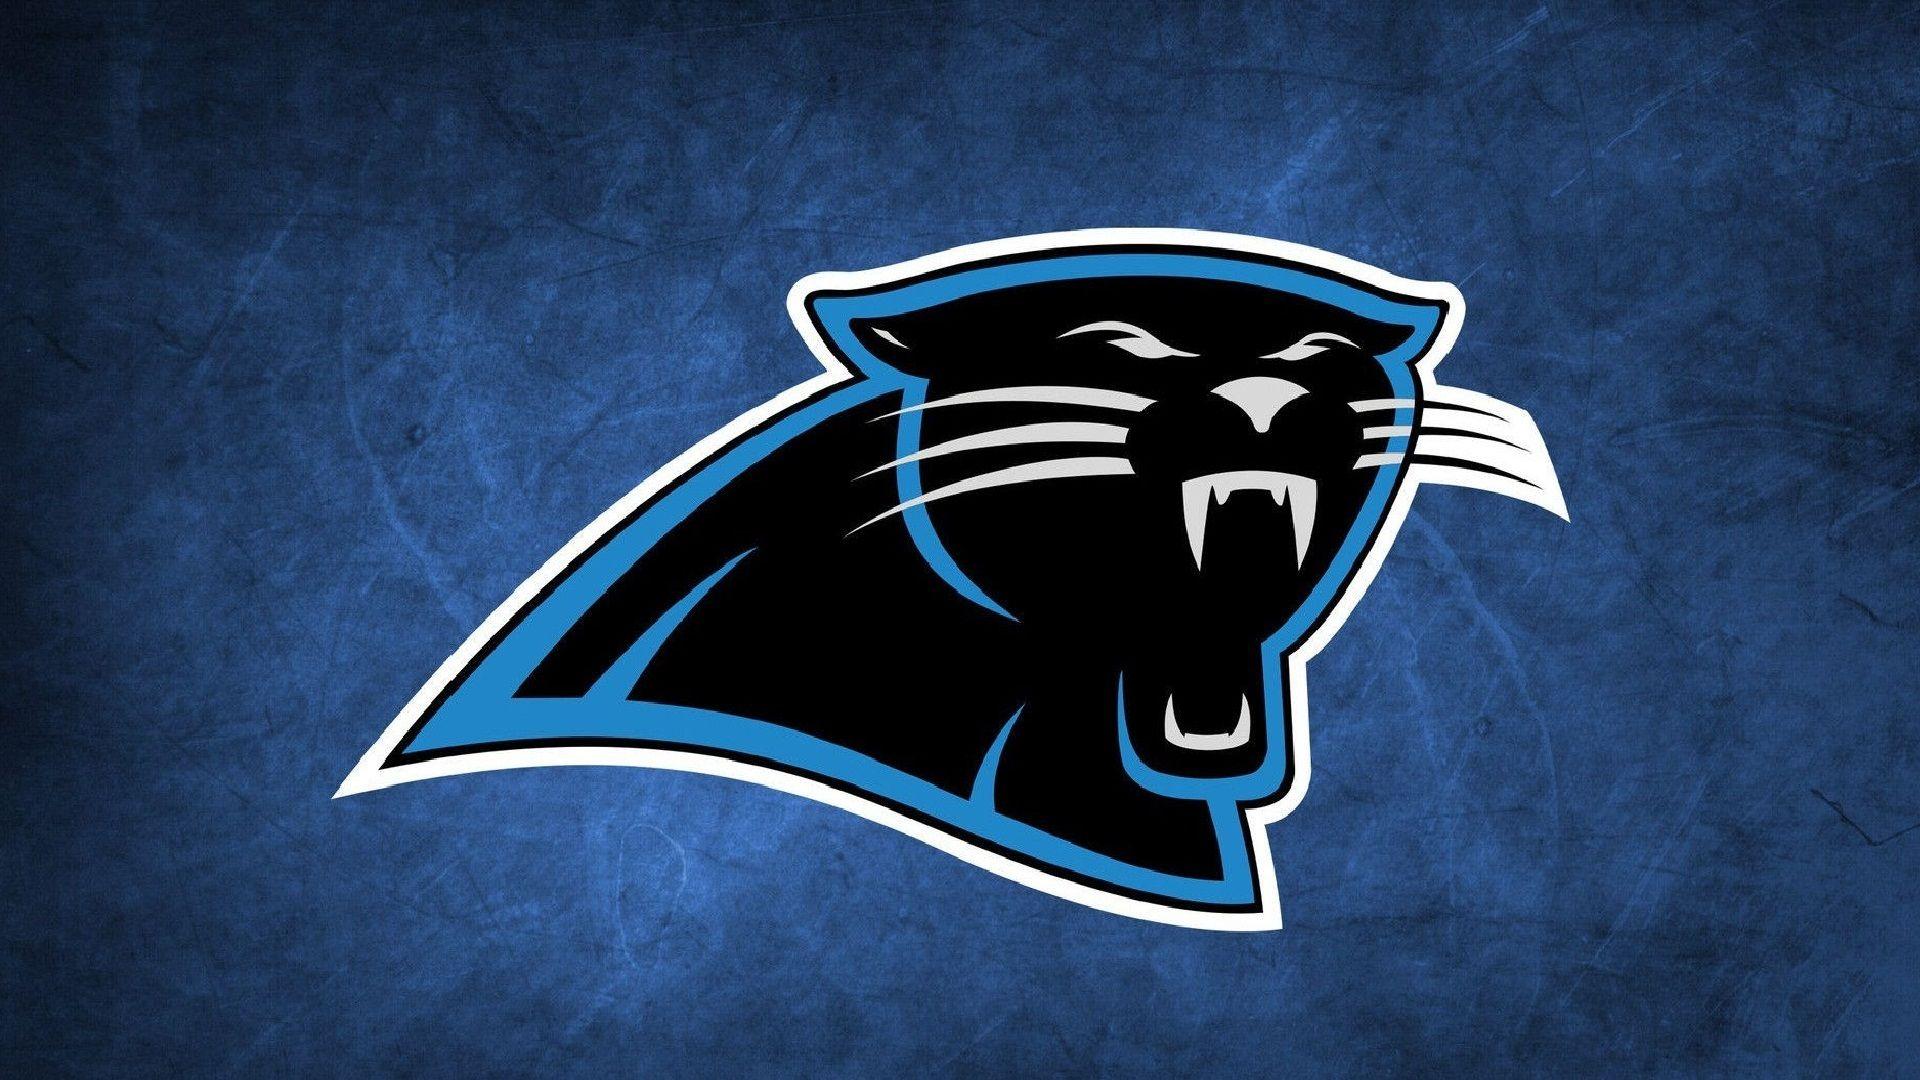 Nfl Wallpapers Carolina Panthers Wallpaper Carolina Panthers Team Wallpaper